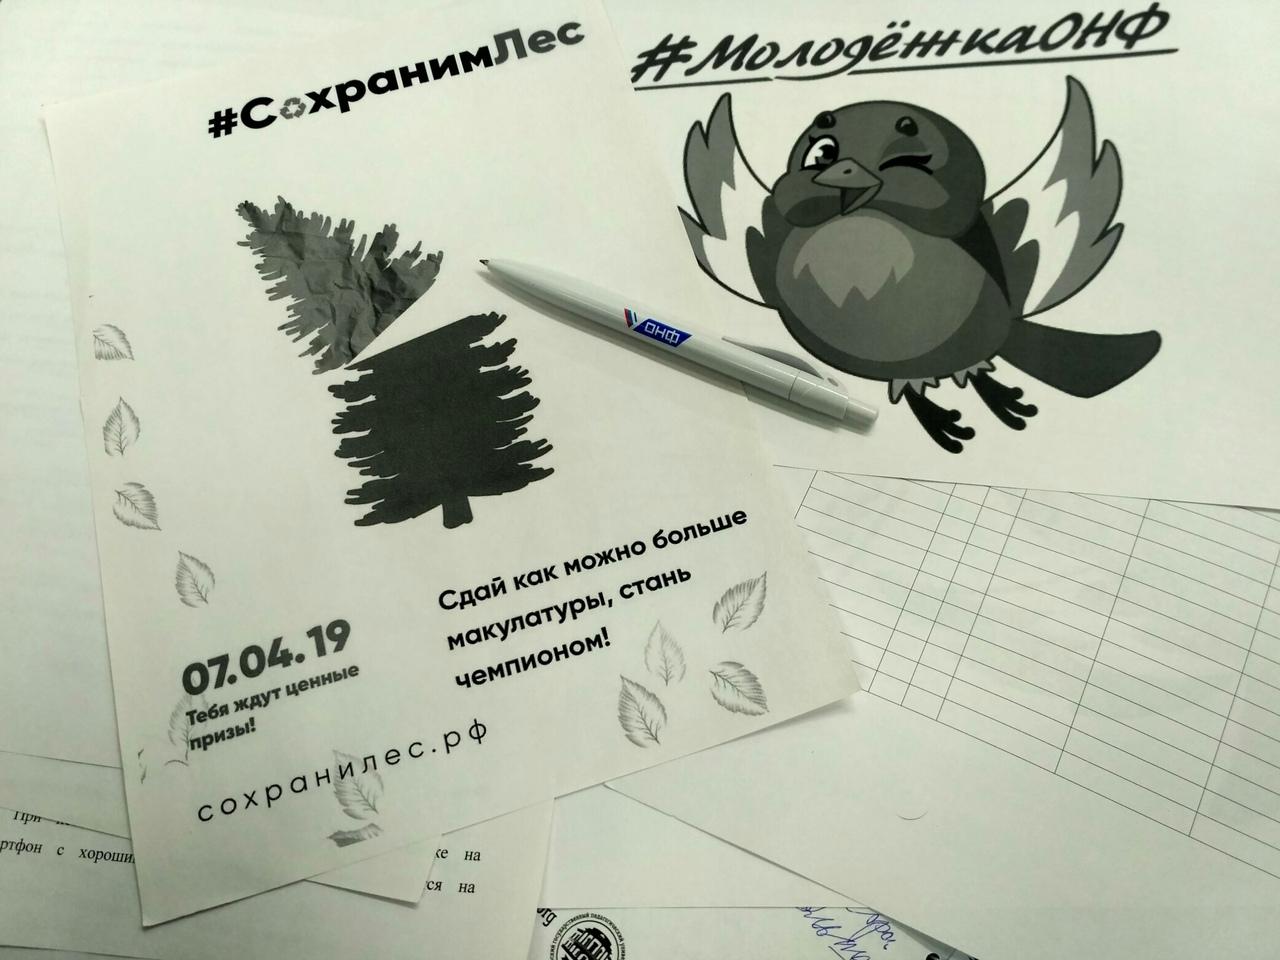 Ярославцы в рамках всероссийской акции смогут сдать макулатуру: адреса